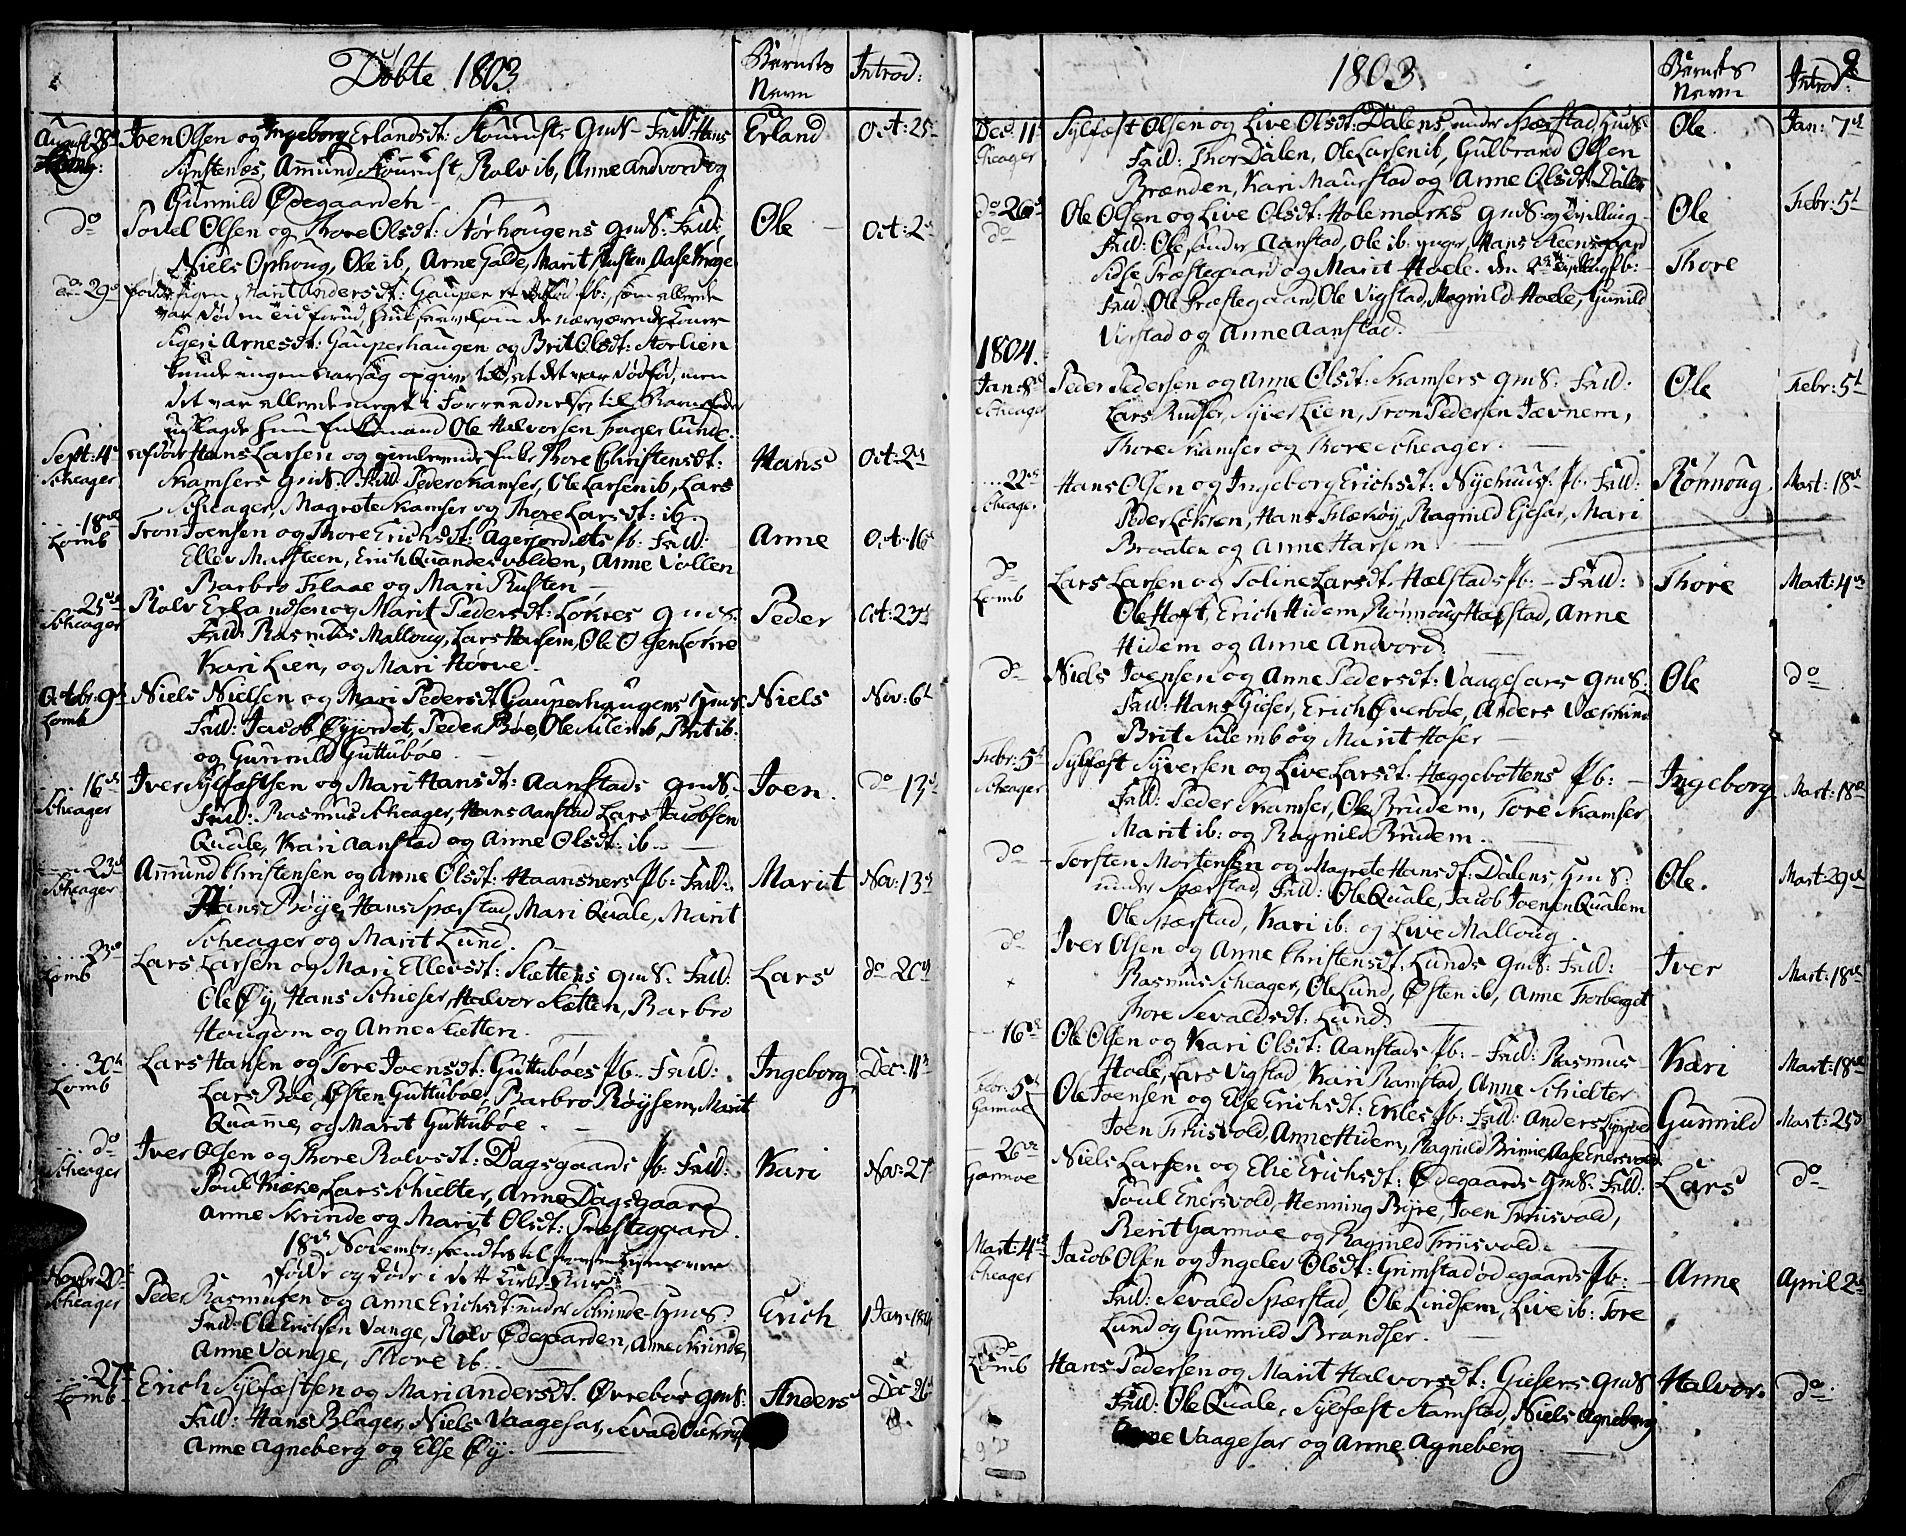 SAH, Lom prestekontor, K/L0003: Ministerialbok nr. 3, 1801-1825, s. 9